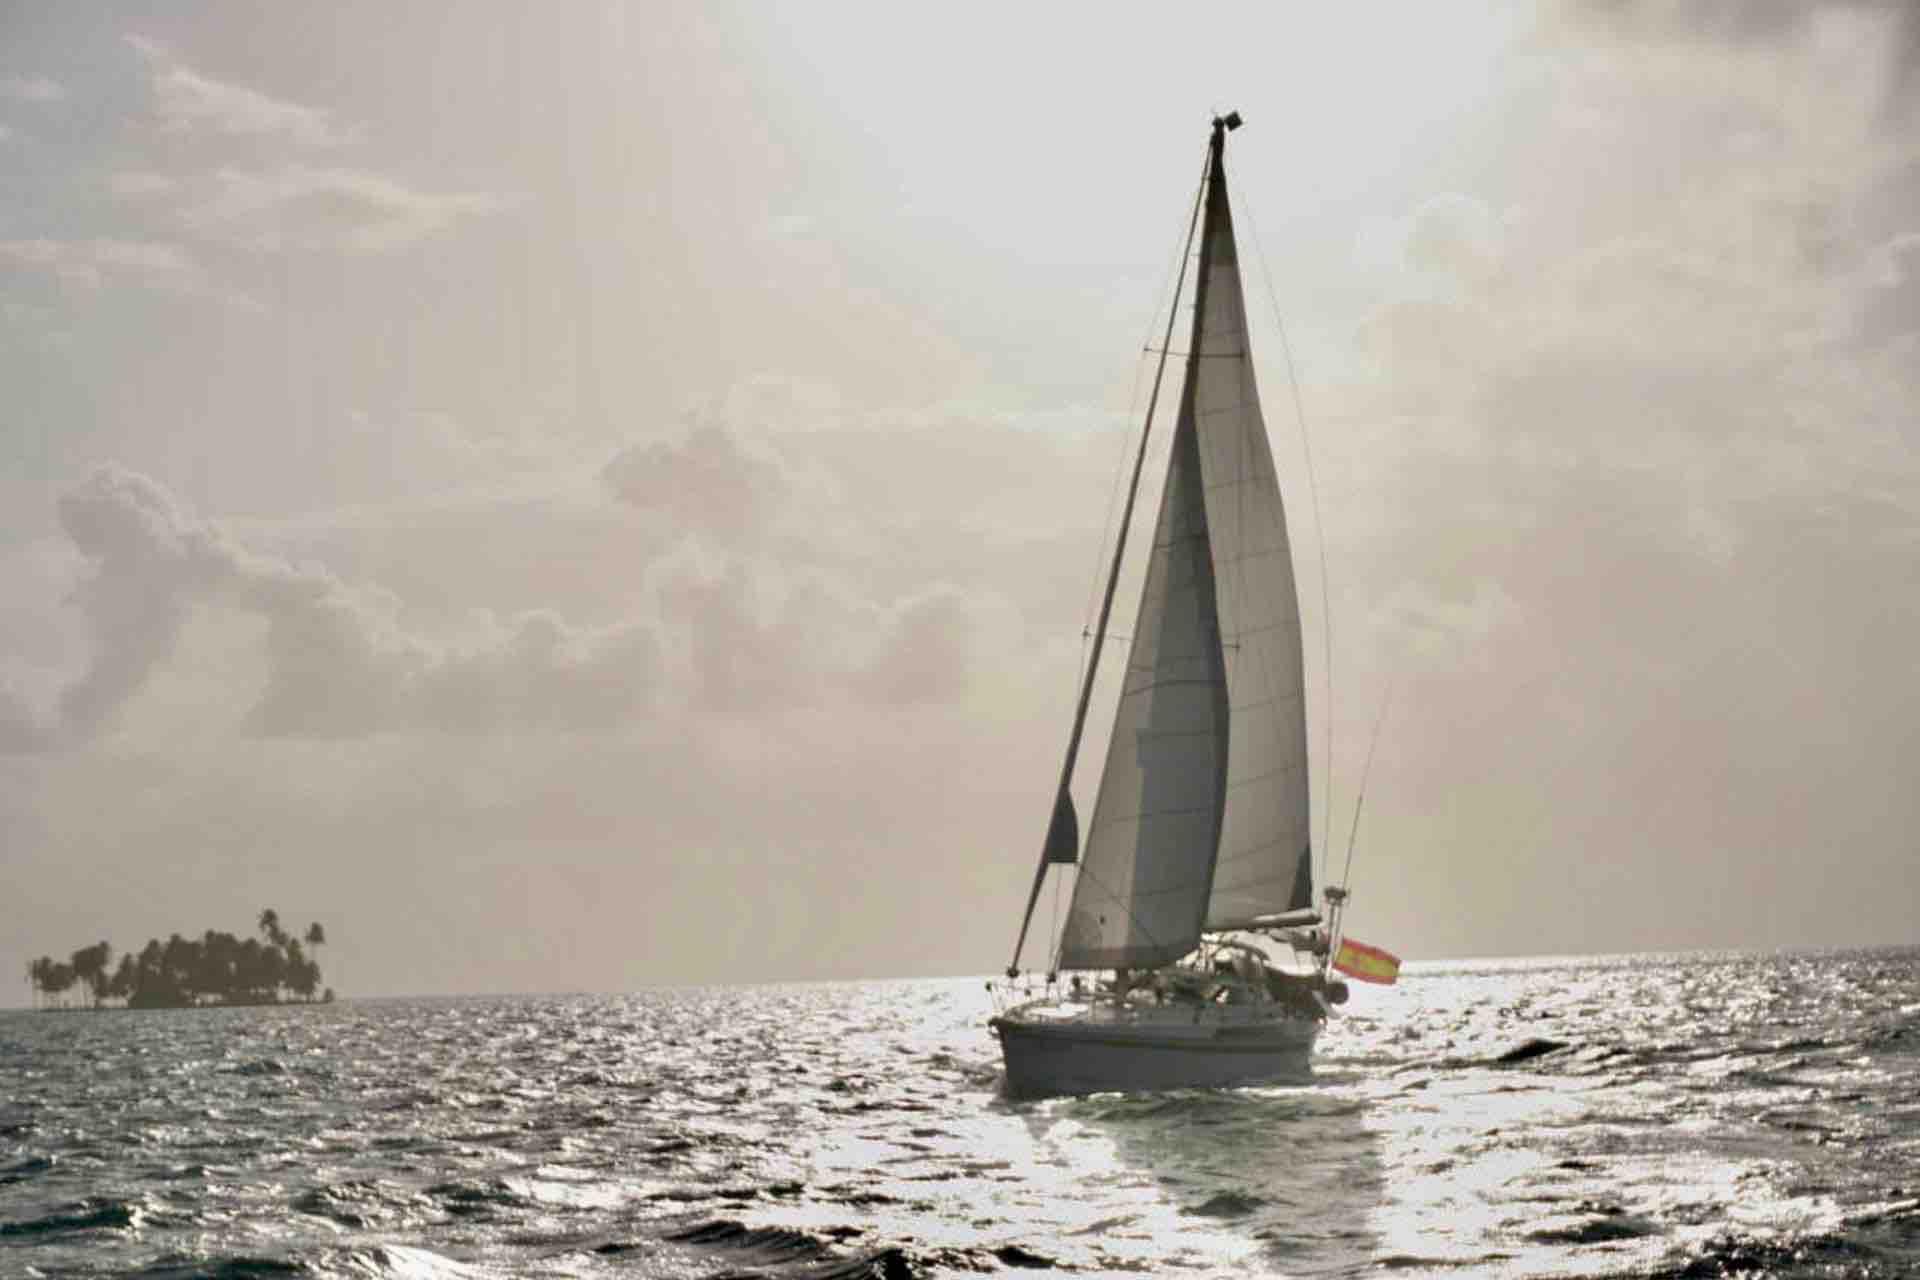 Dike San Blas sailboat sailing in sunset